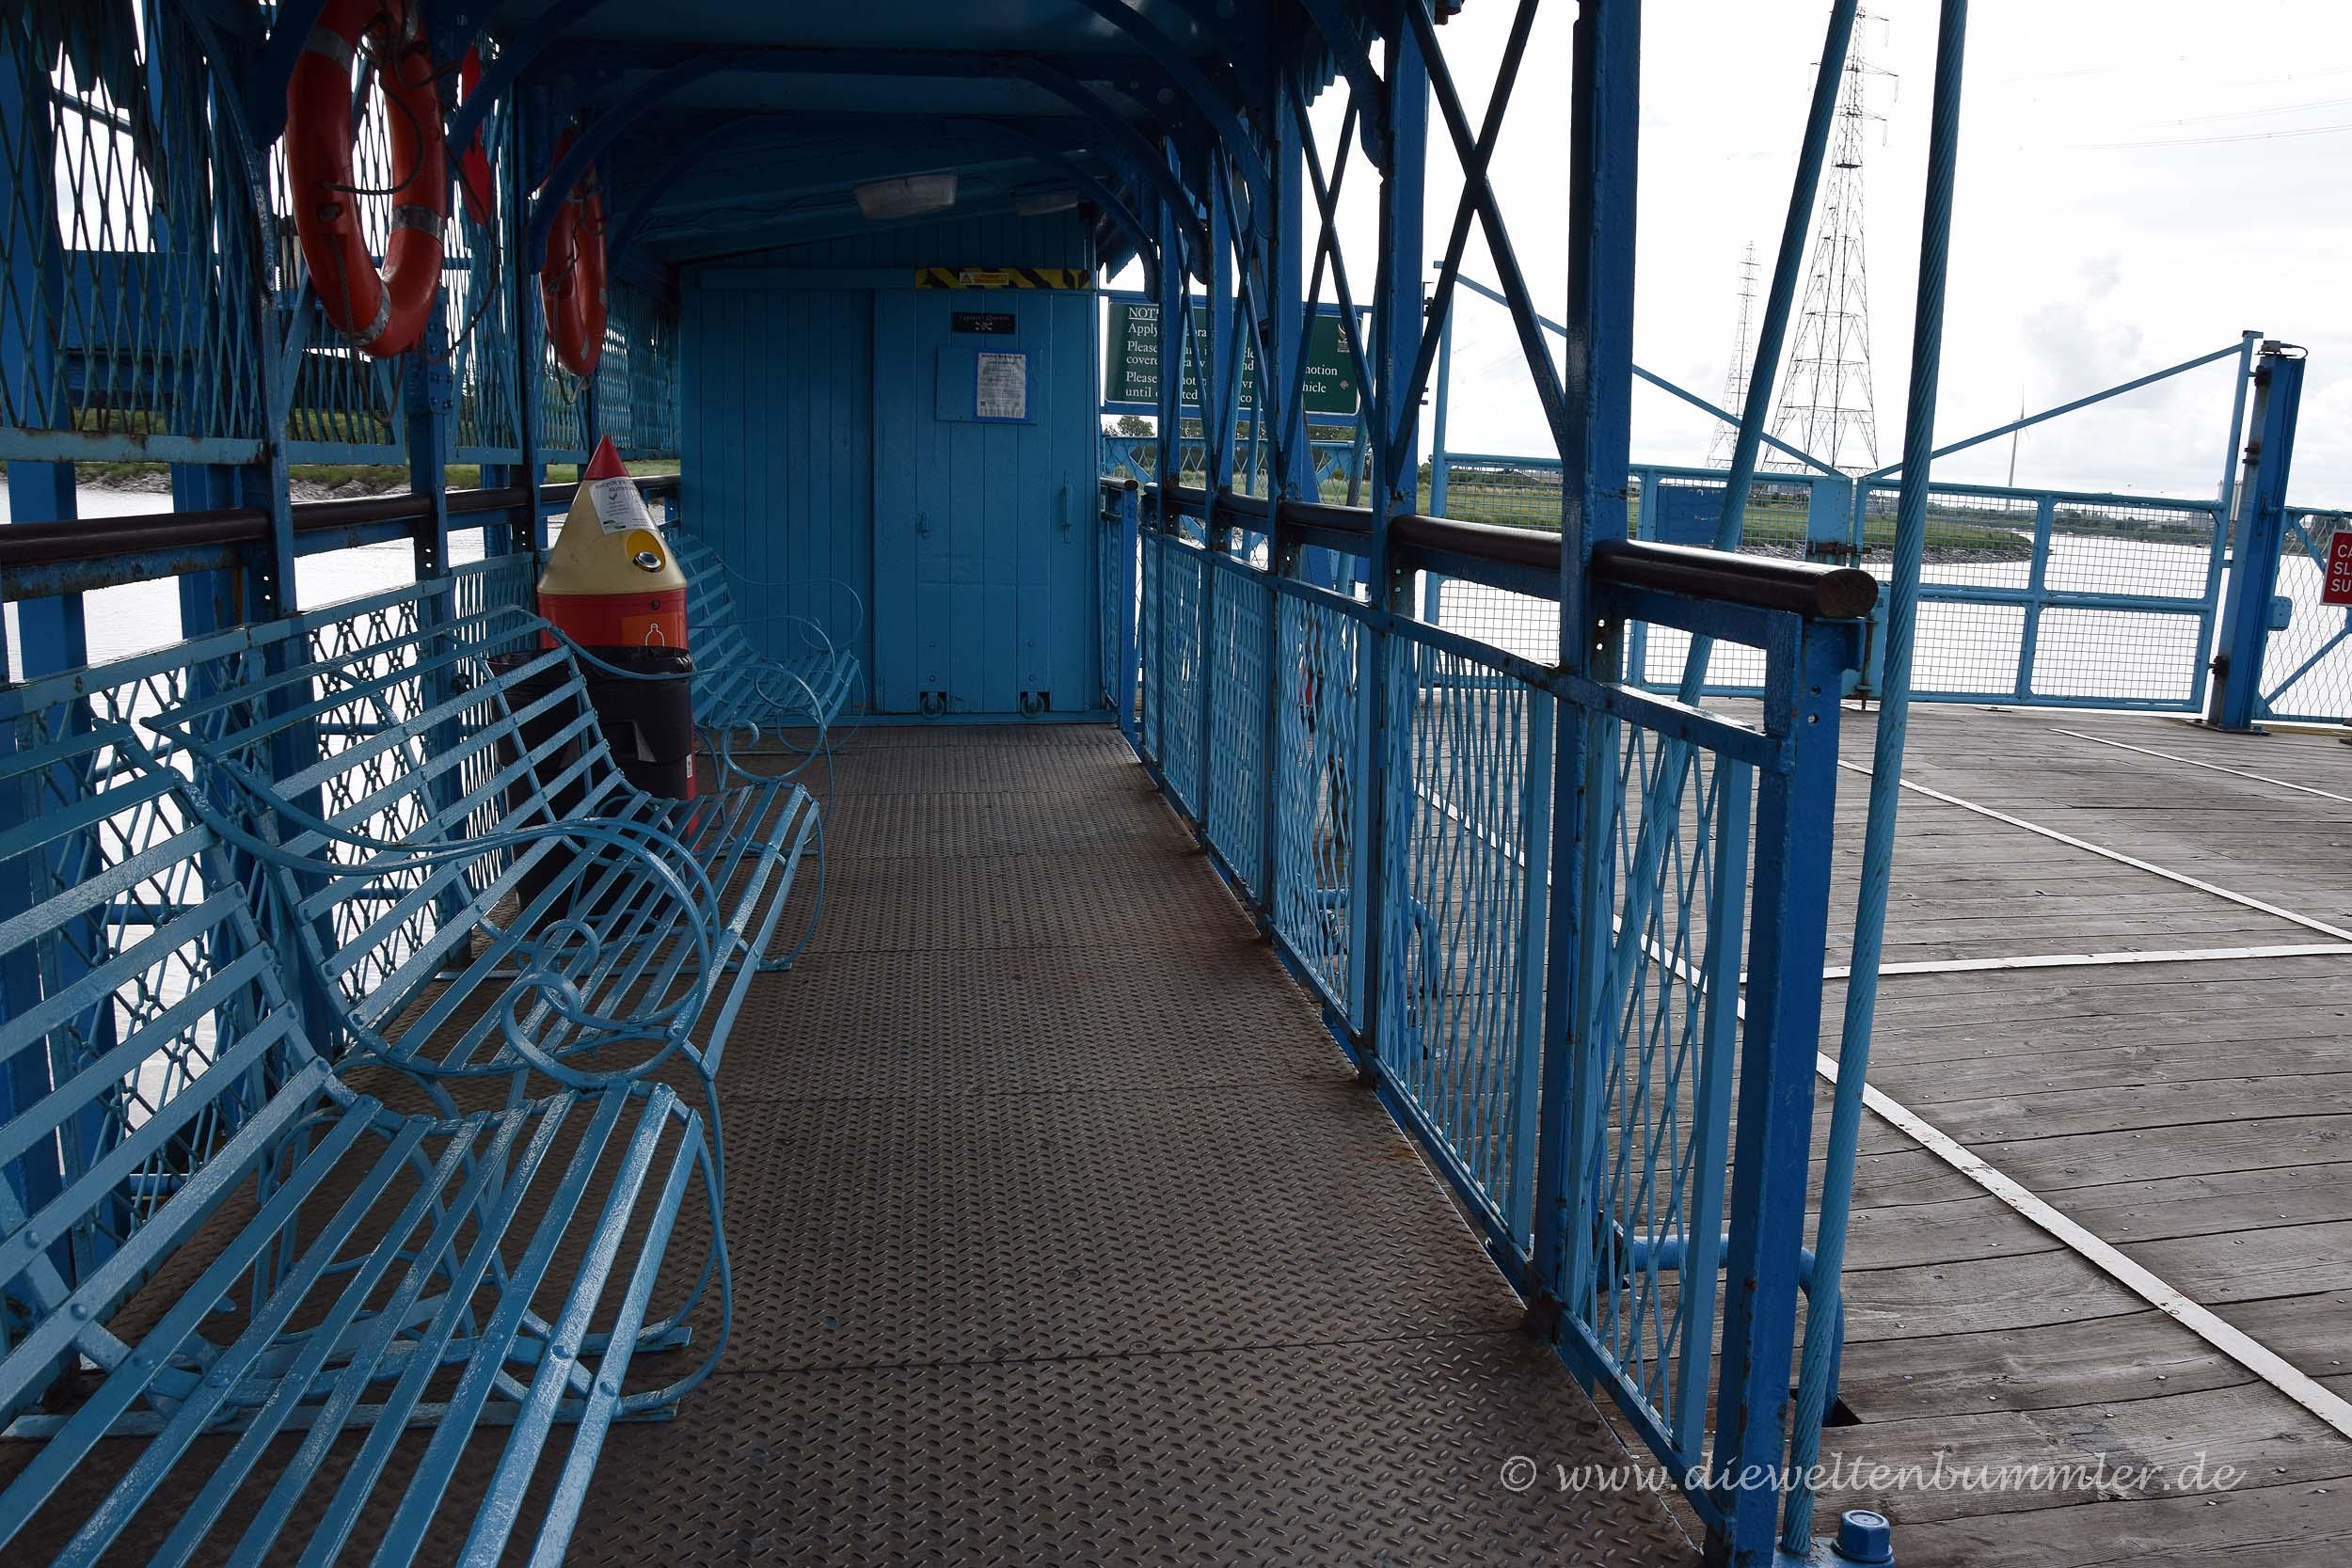 Sitzgelegenheiten für die Überfahrt